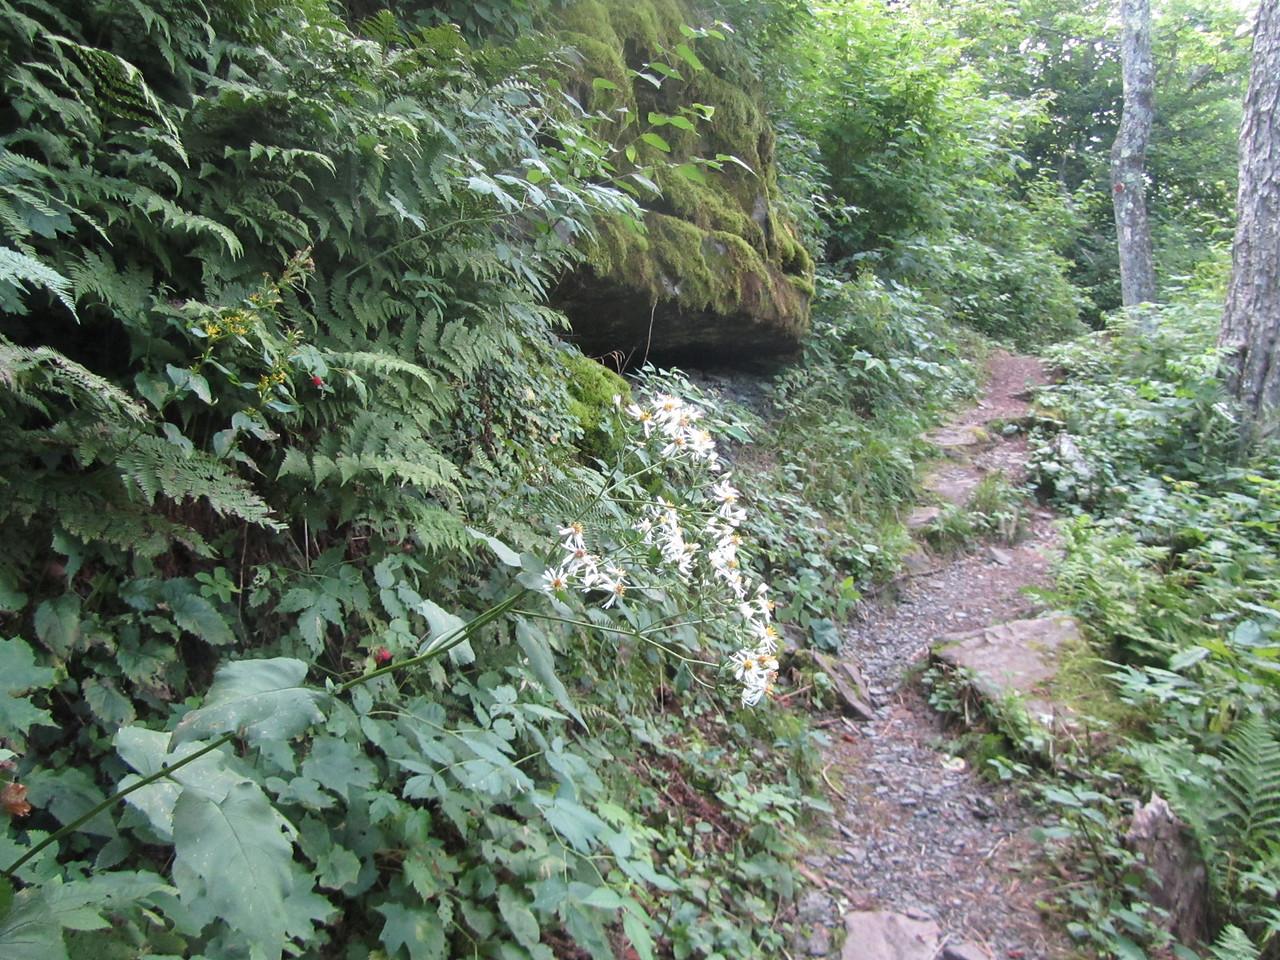 More Daisy Cliffardo, rasberries, and a nice bear den.